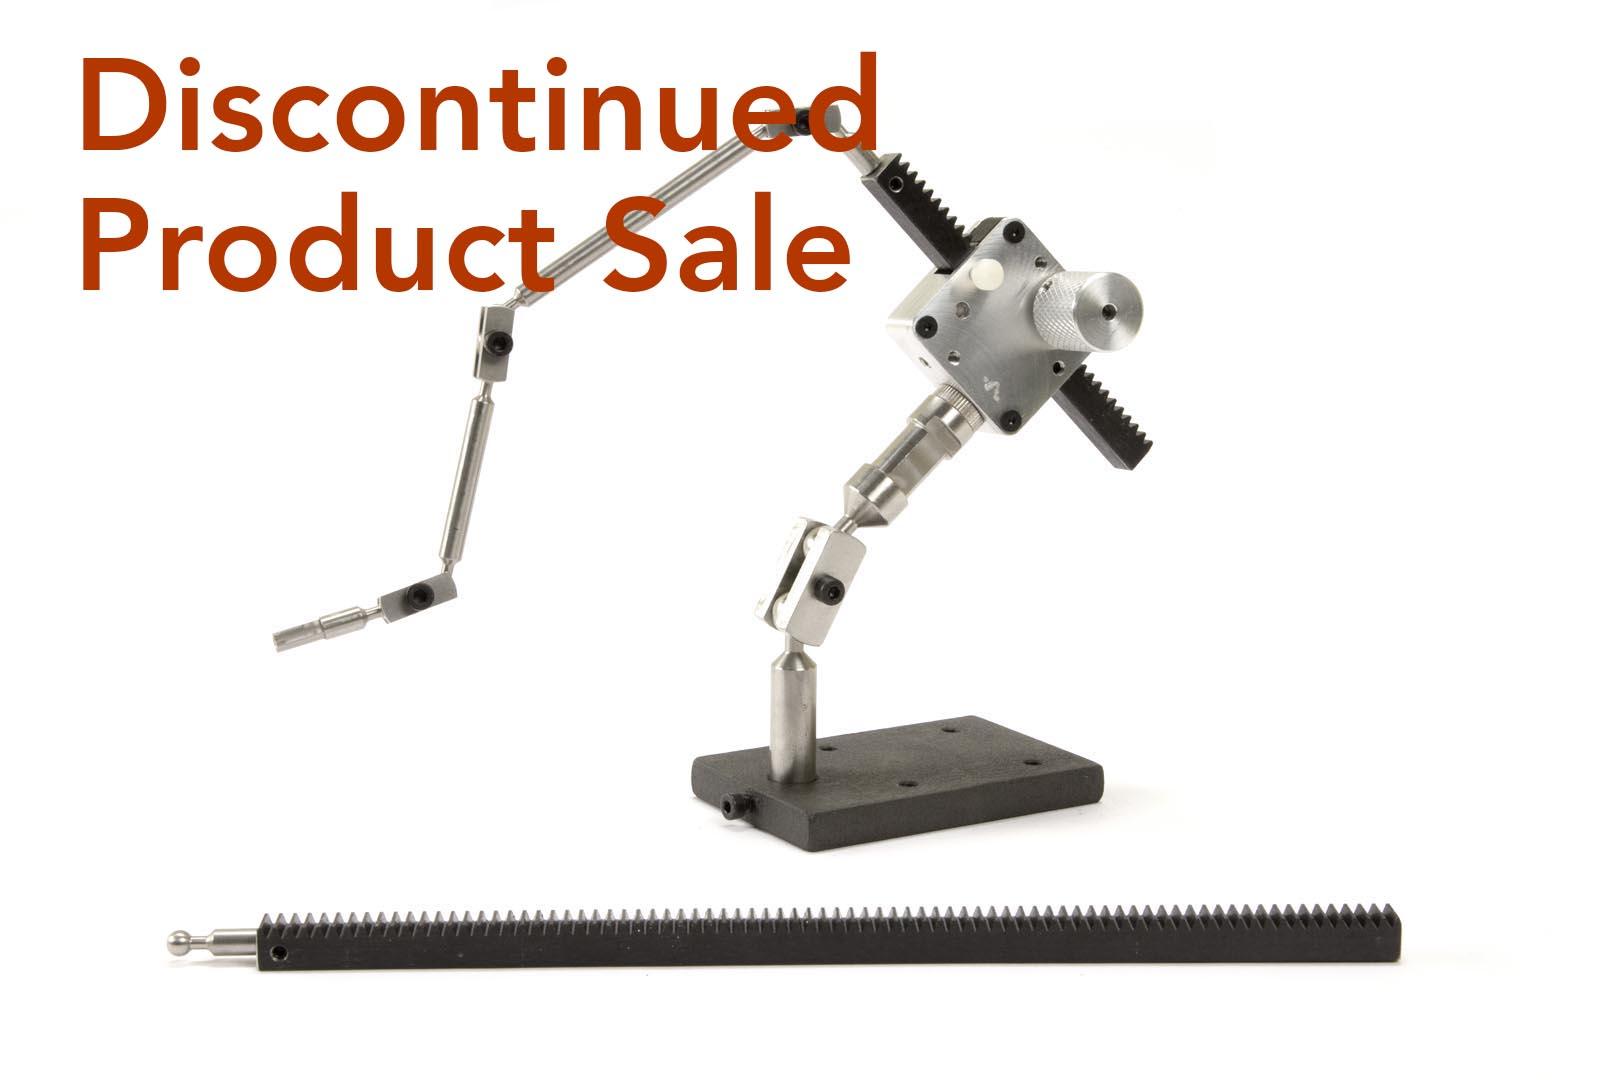 GW-X sale